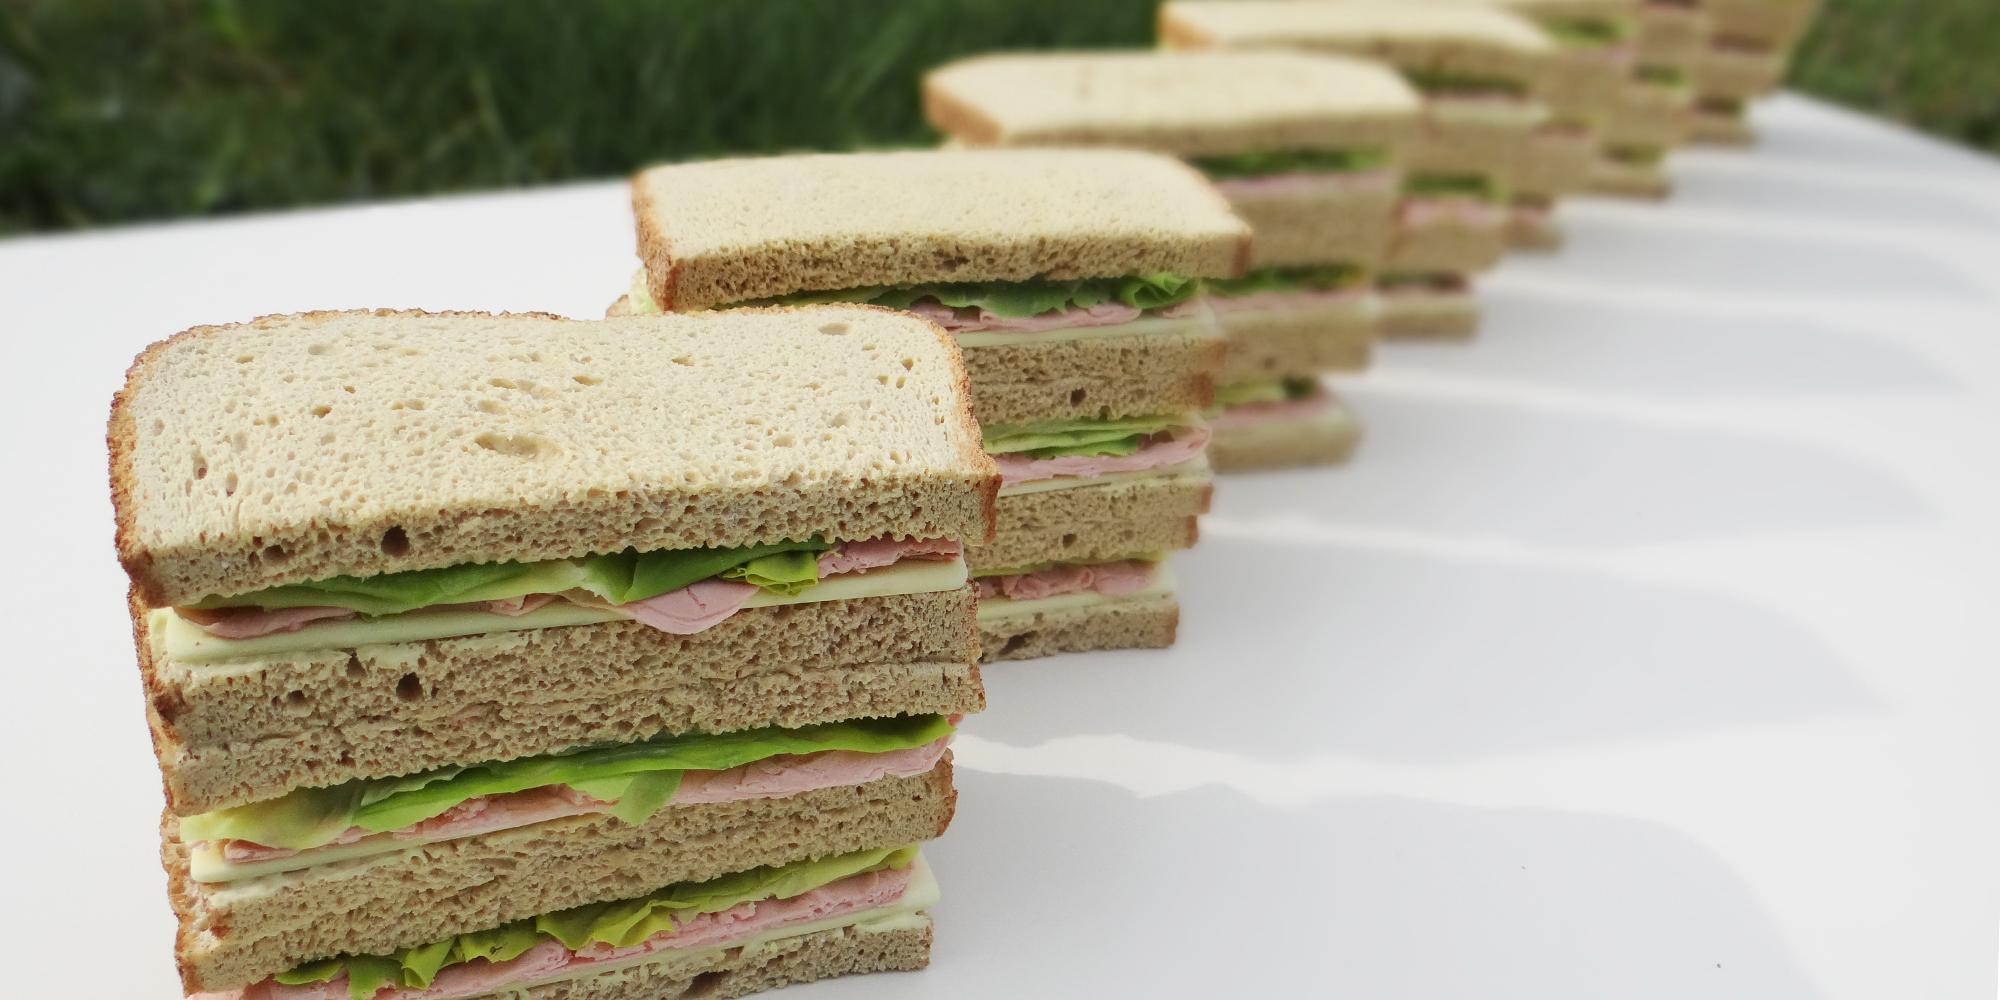 sandwichs club factices alimentaires pour équiper les commerciaux lors du lancement d'un nouveau produit